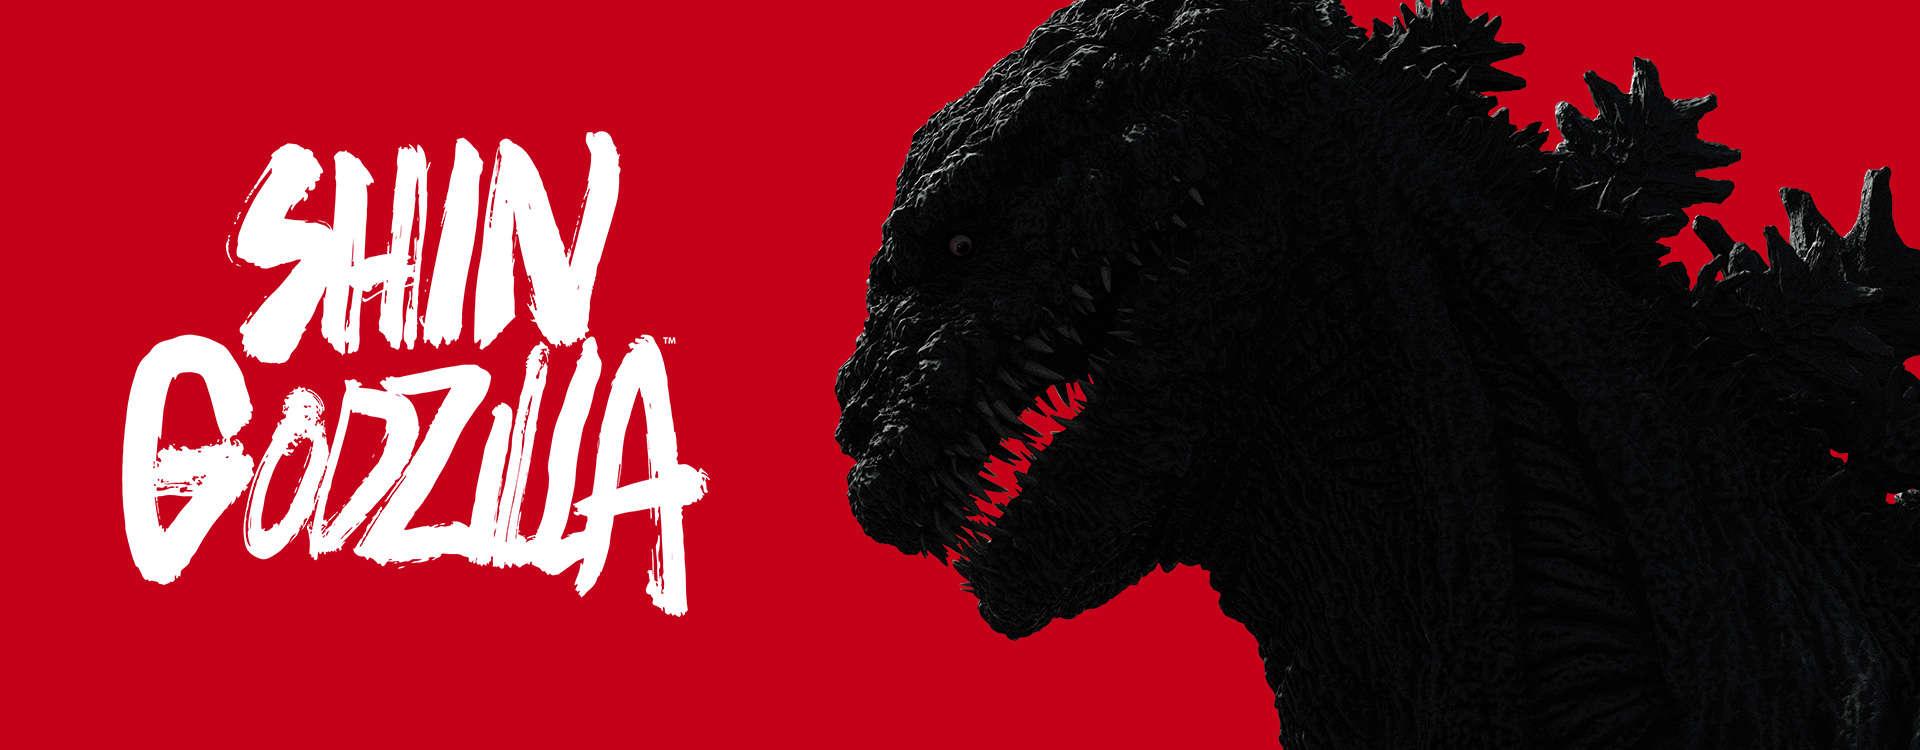 Shin Godzilla: due nuove clip